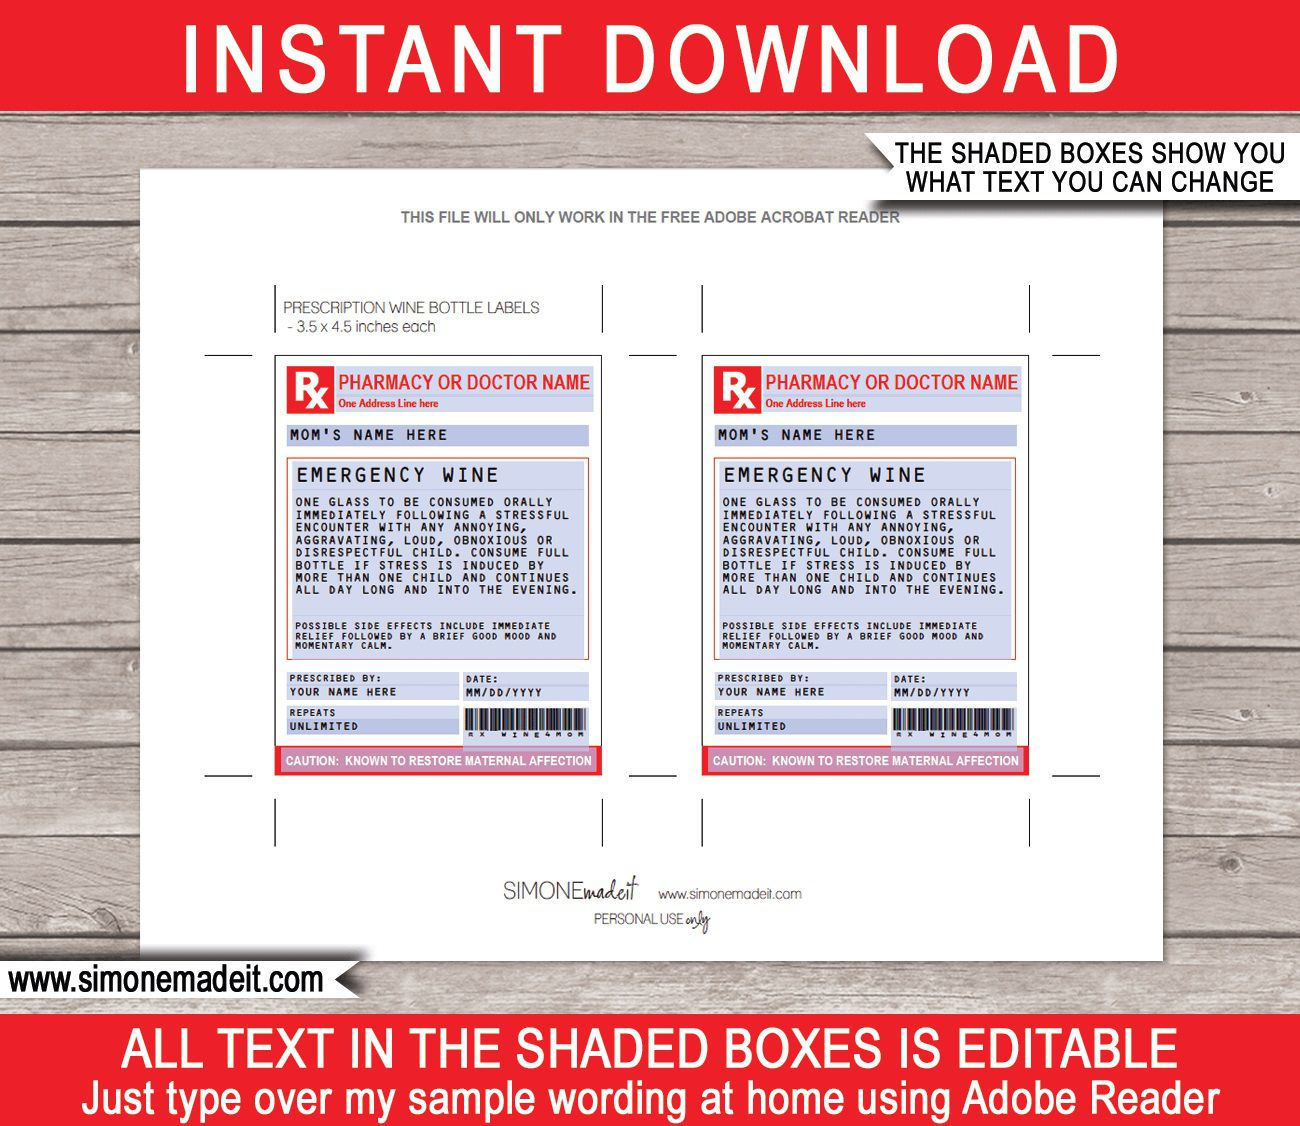 005 Impressive Fake Prescription Label Template Idea  Walgreen BottleFull